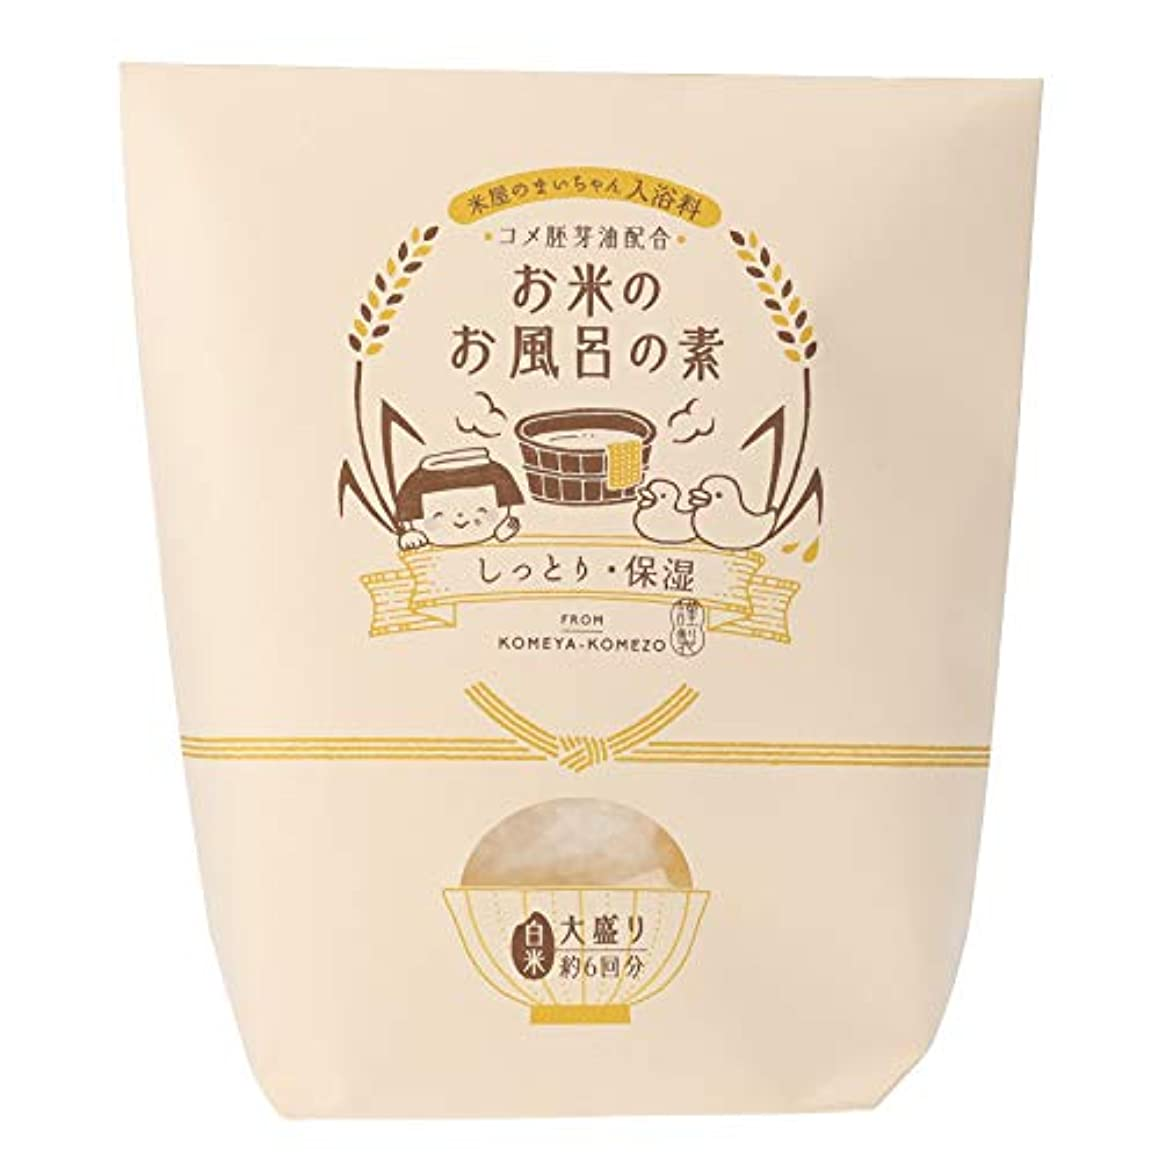 つづり望ましい認証米屋のまいちゃん家の逸品 お米のお風呂の素 大盛り(保湿) 入浴剤 142mm×55mm×156mm